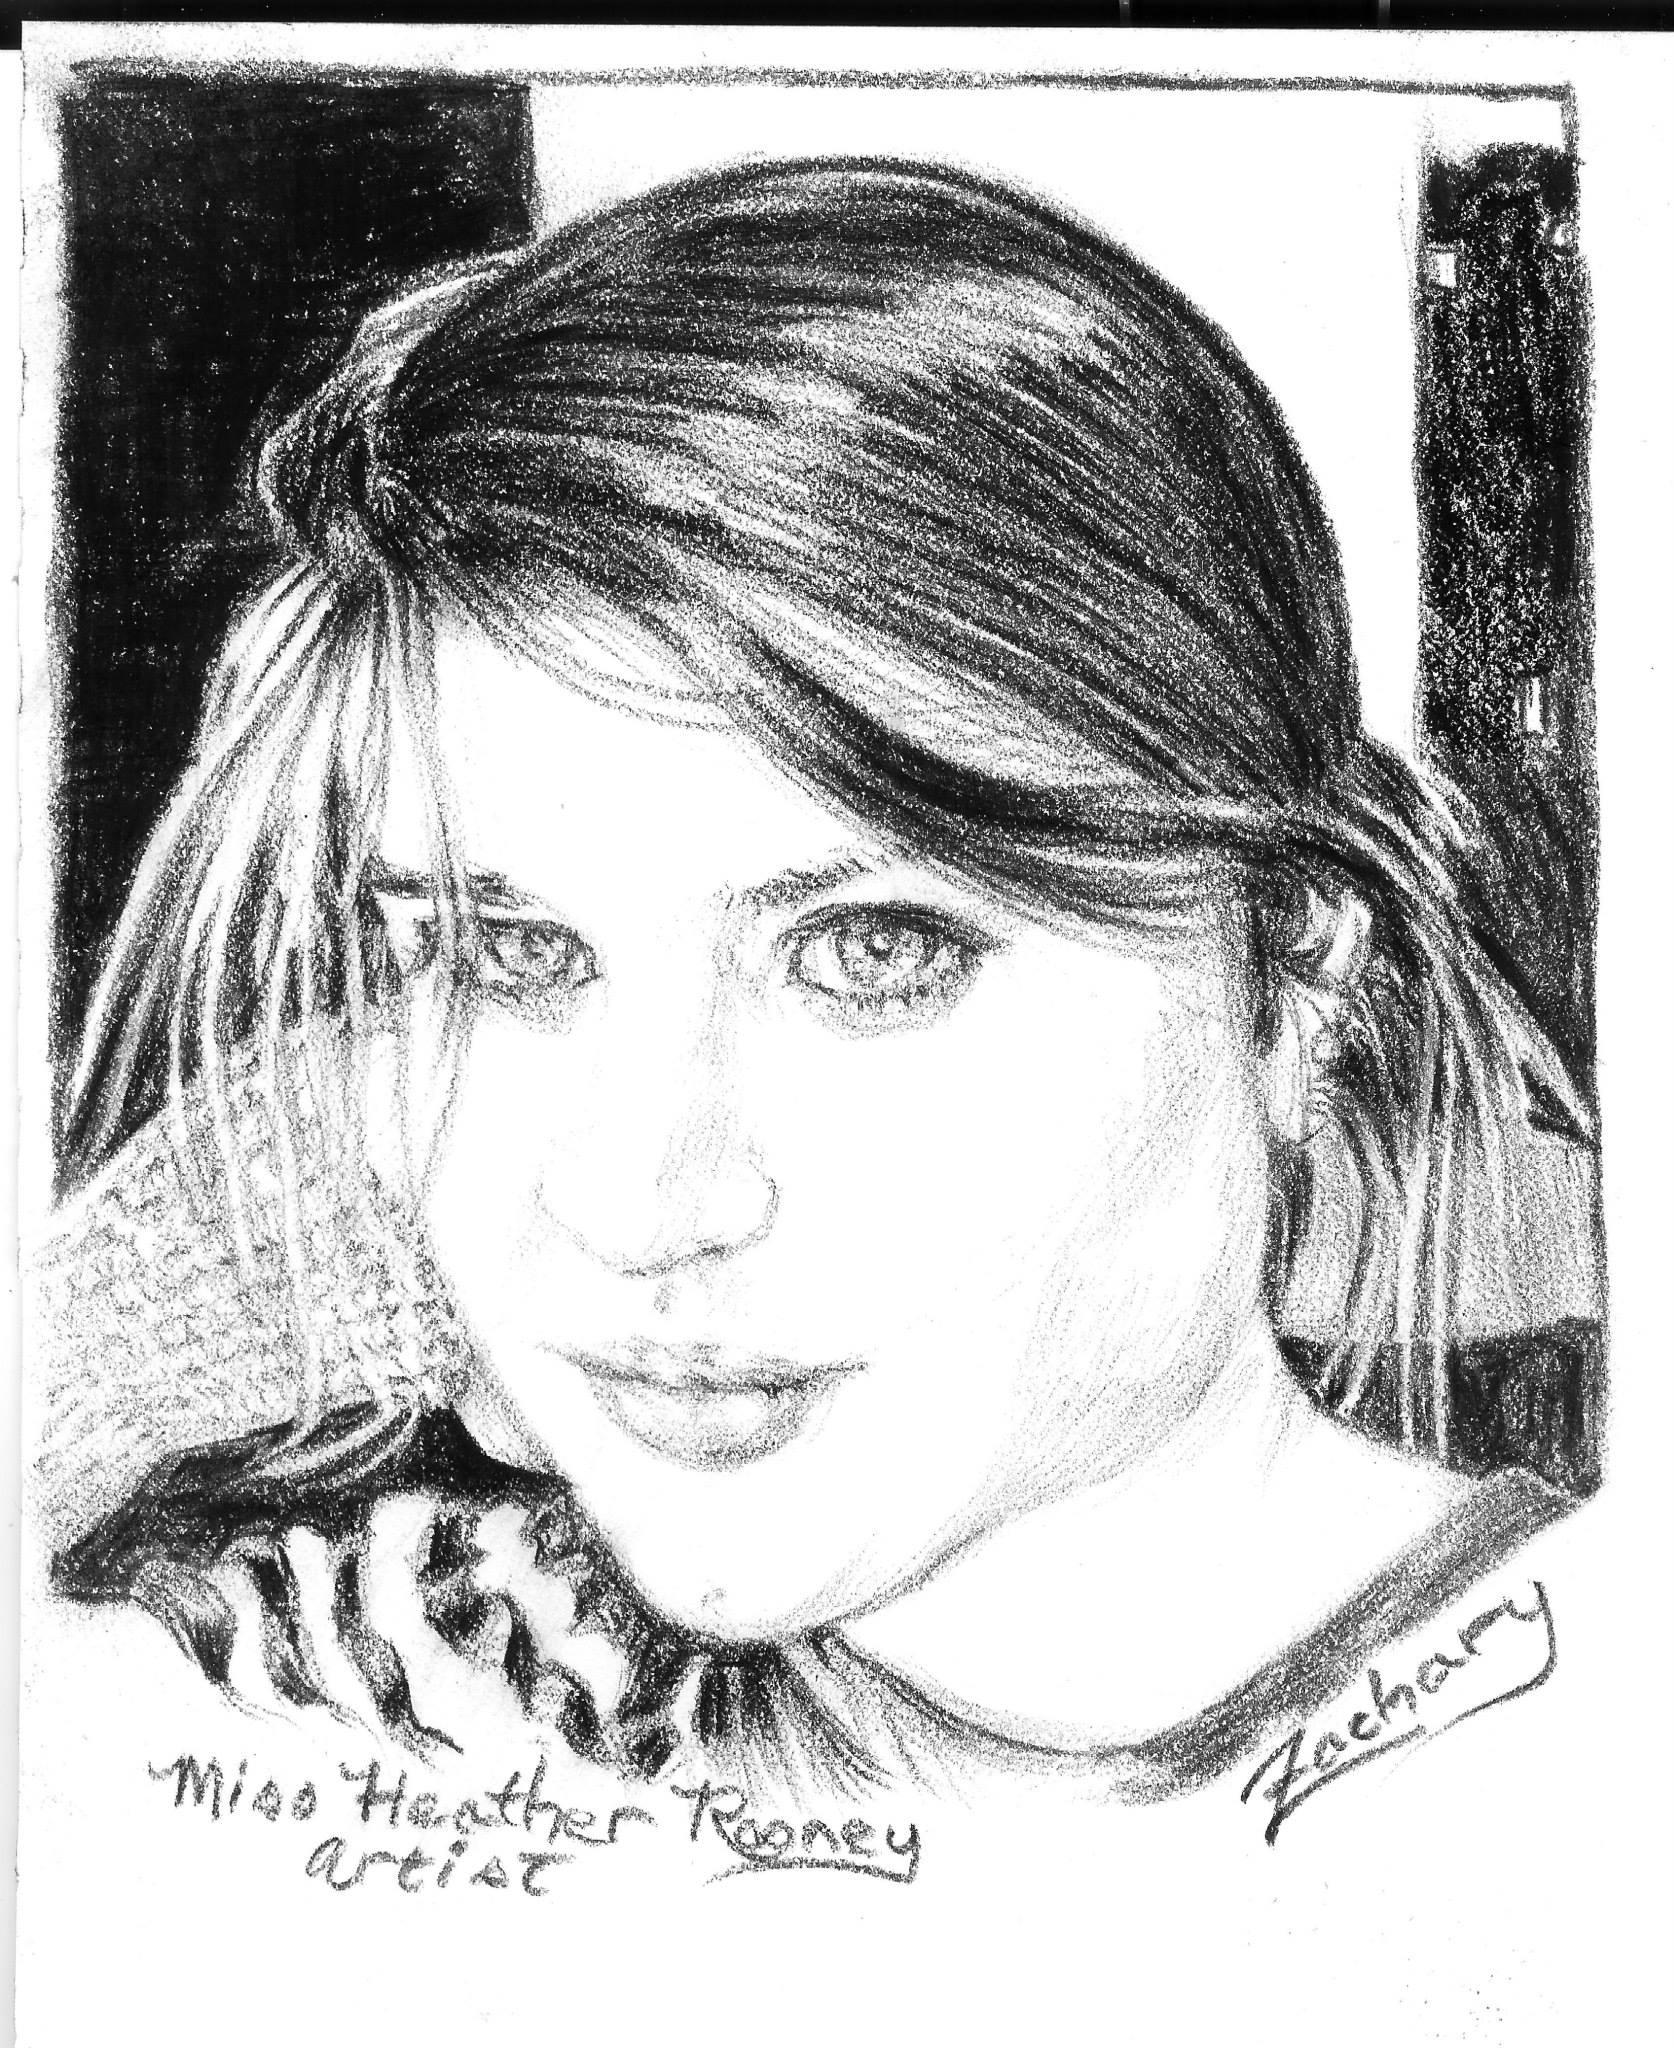 Ms Heather Rooney